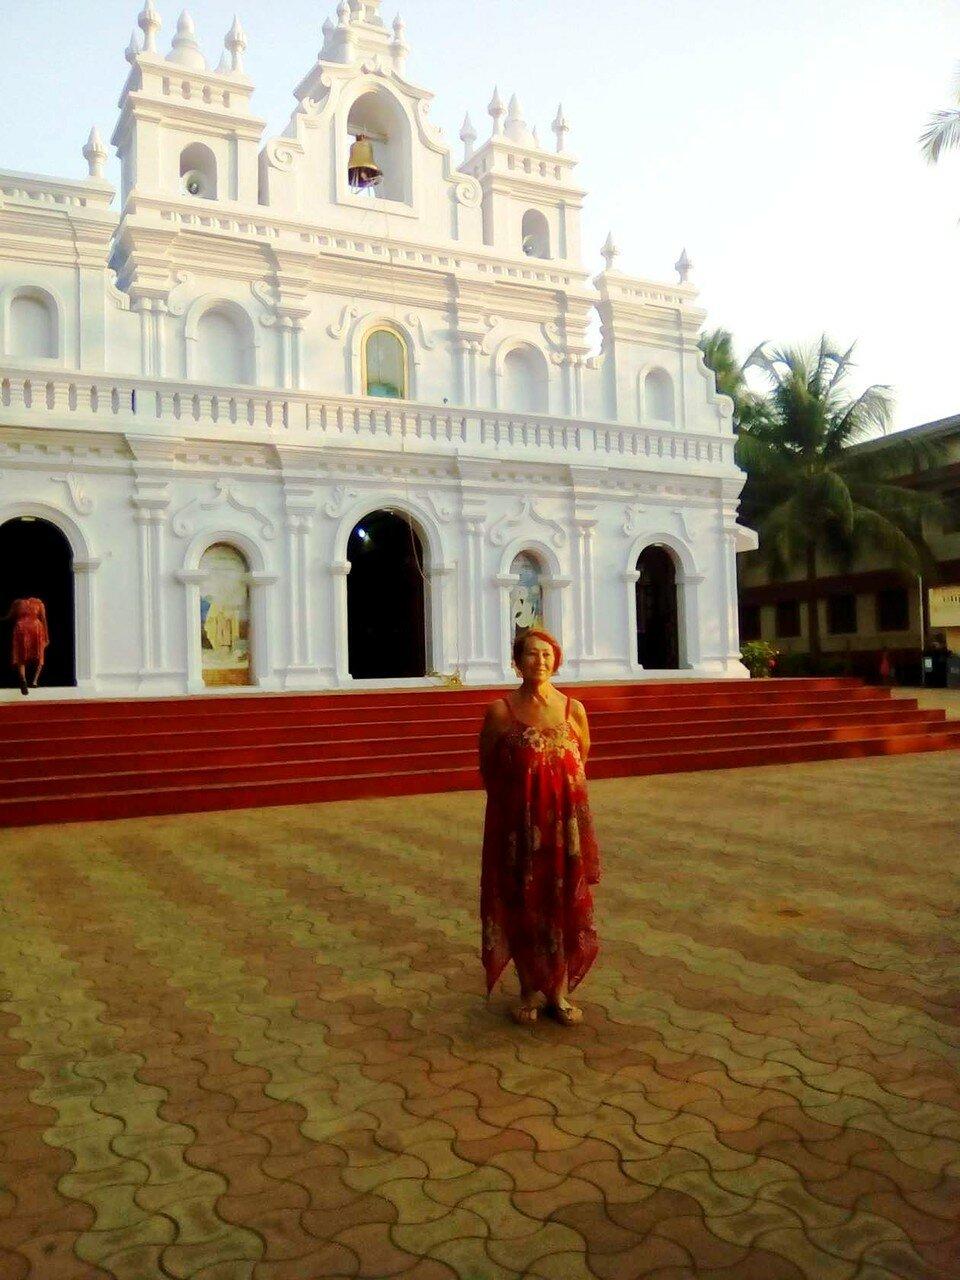 Католическая церковь. Индия. Февраль 2017.Фото В. Лана 03.jpg